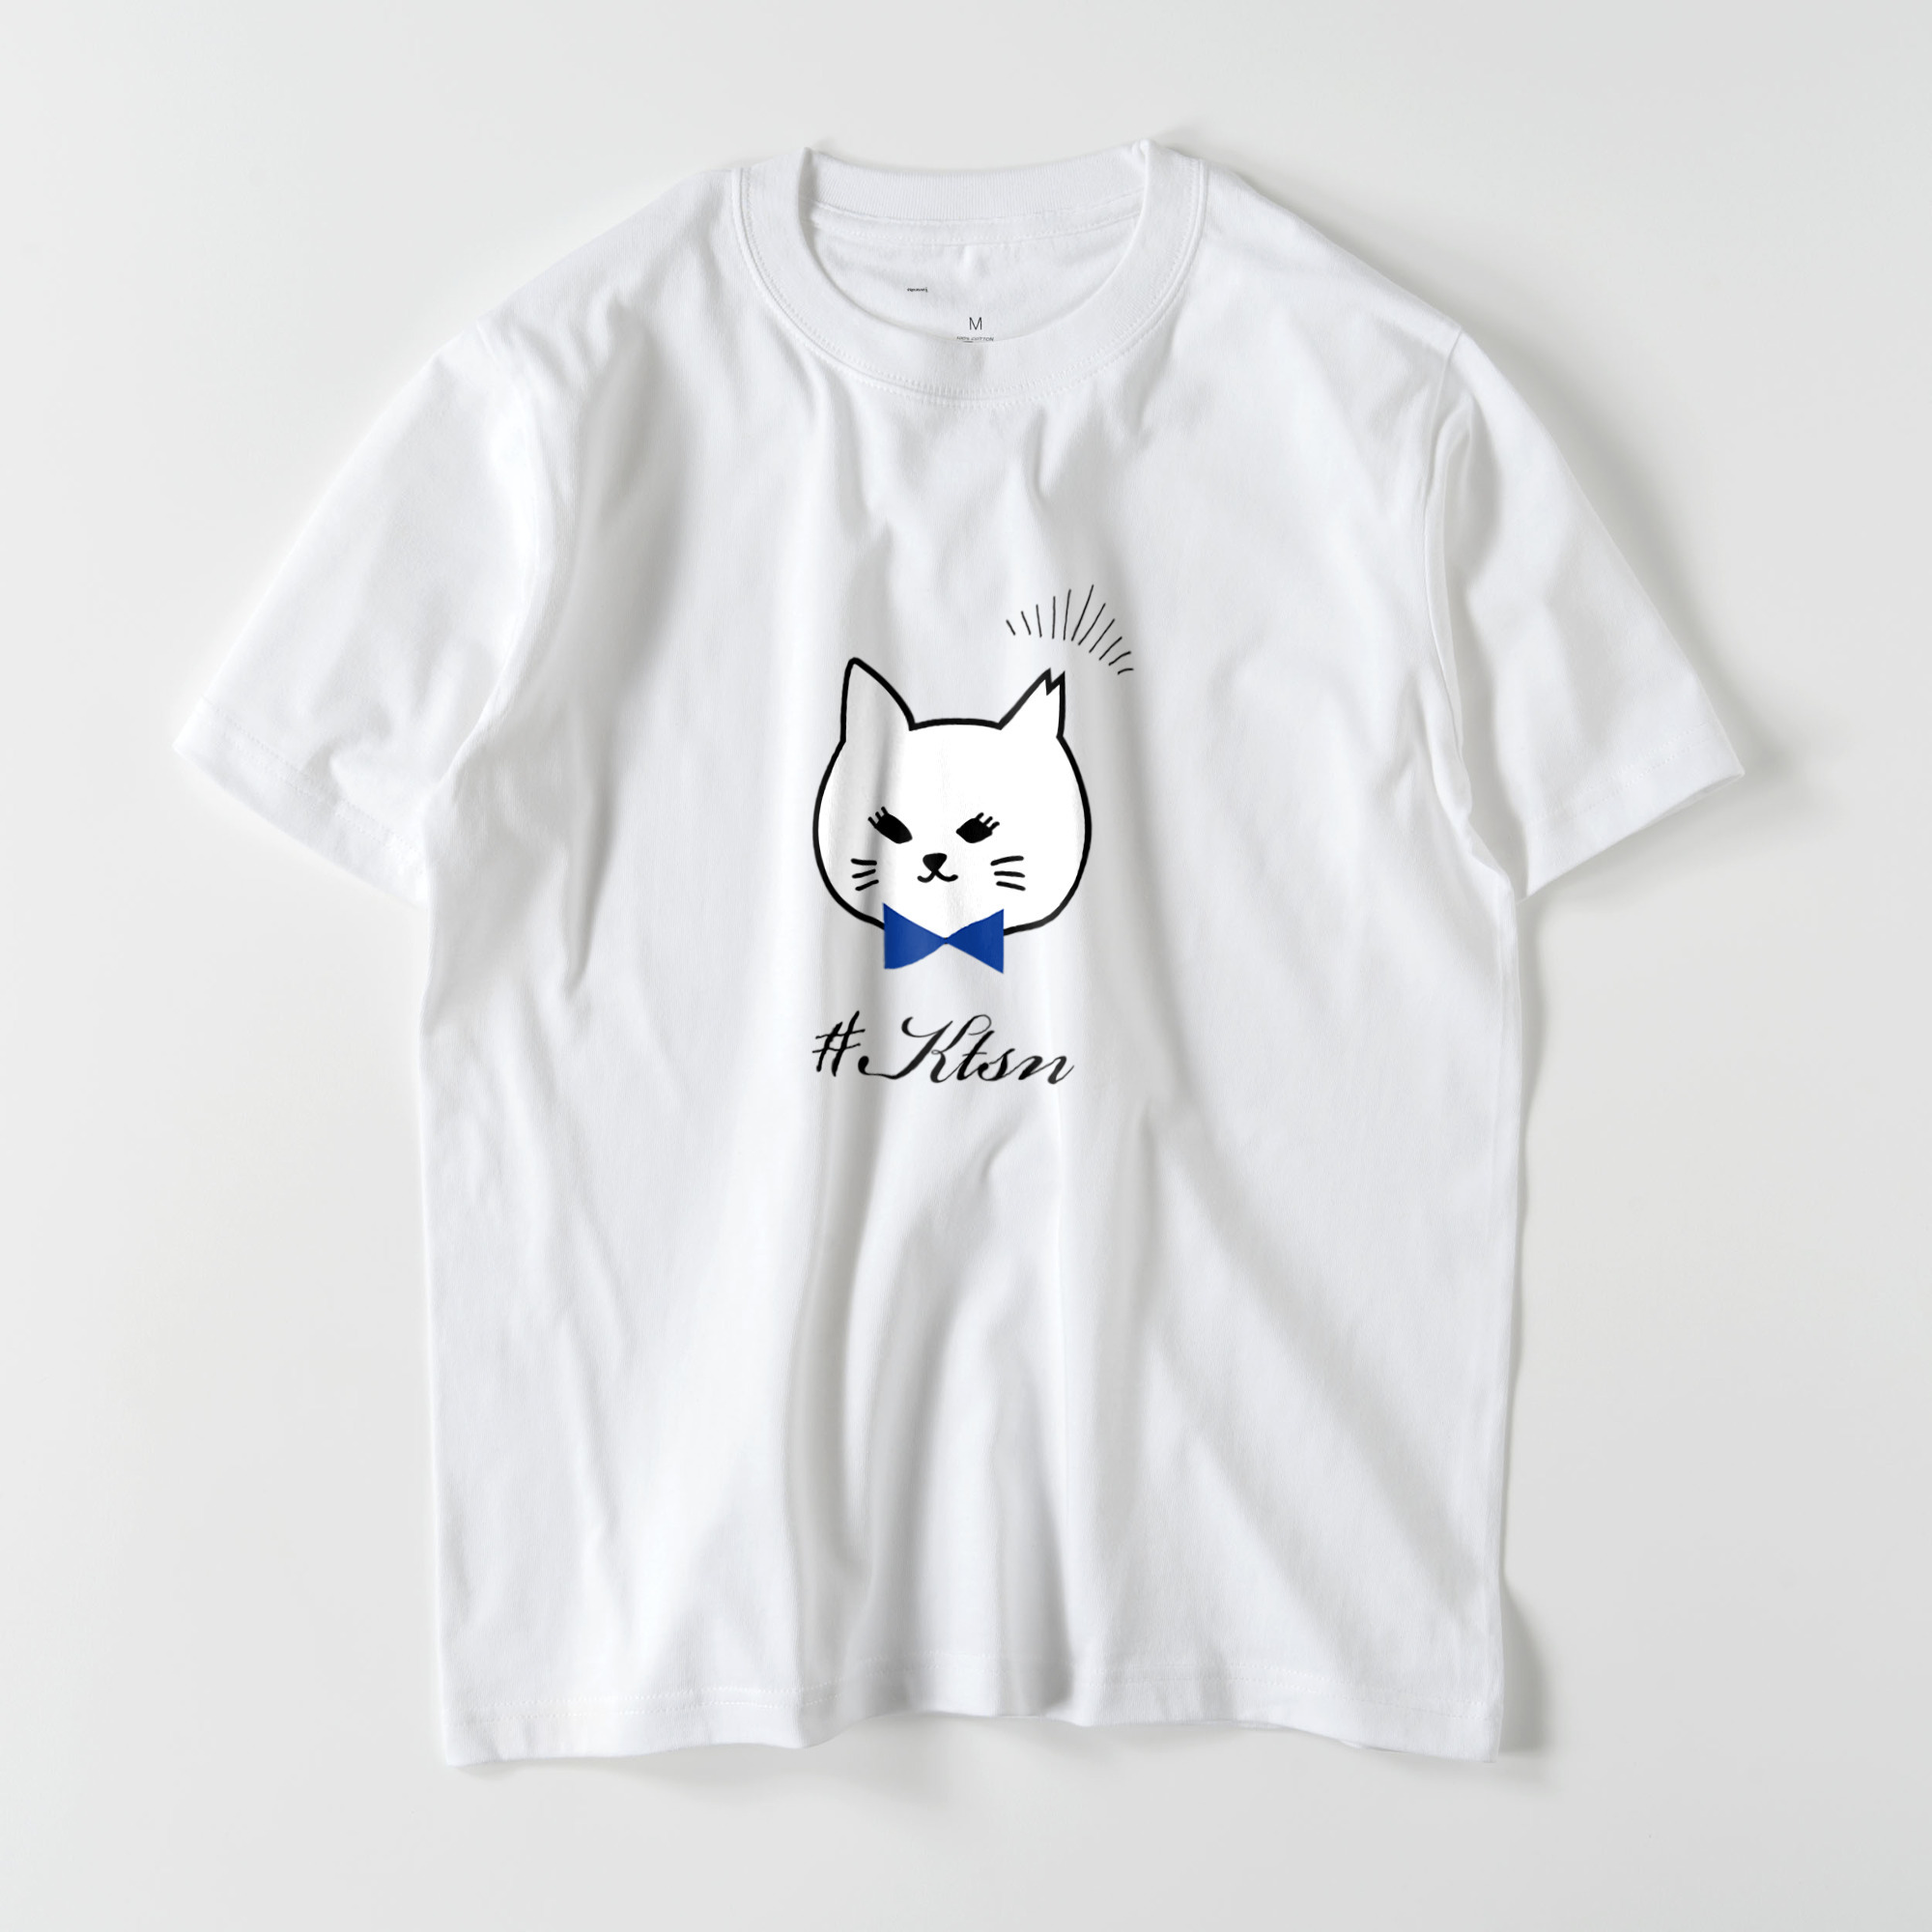 #KTSN×kaco 白猫Tシャツ